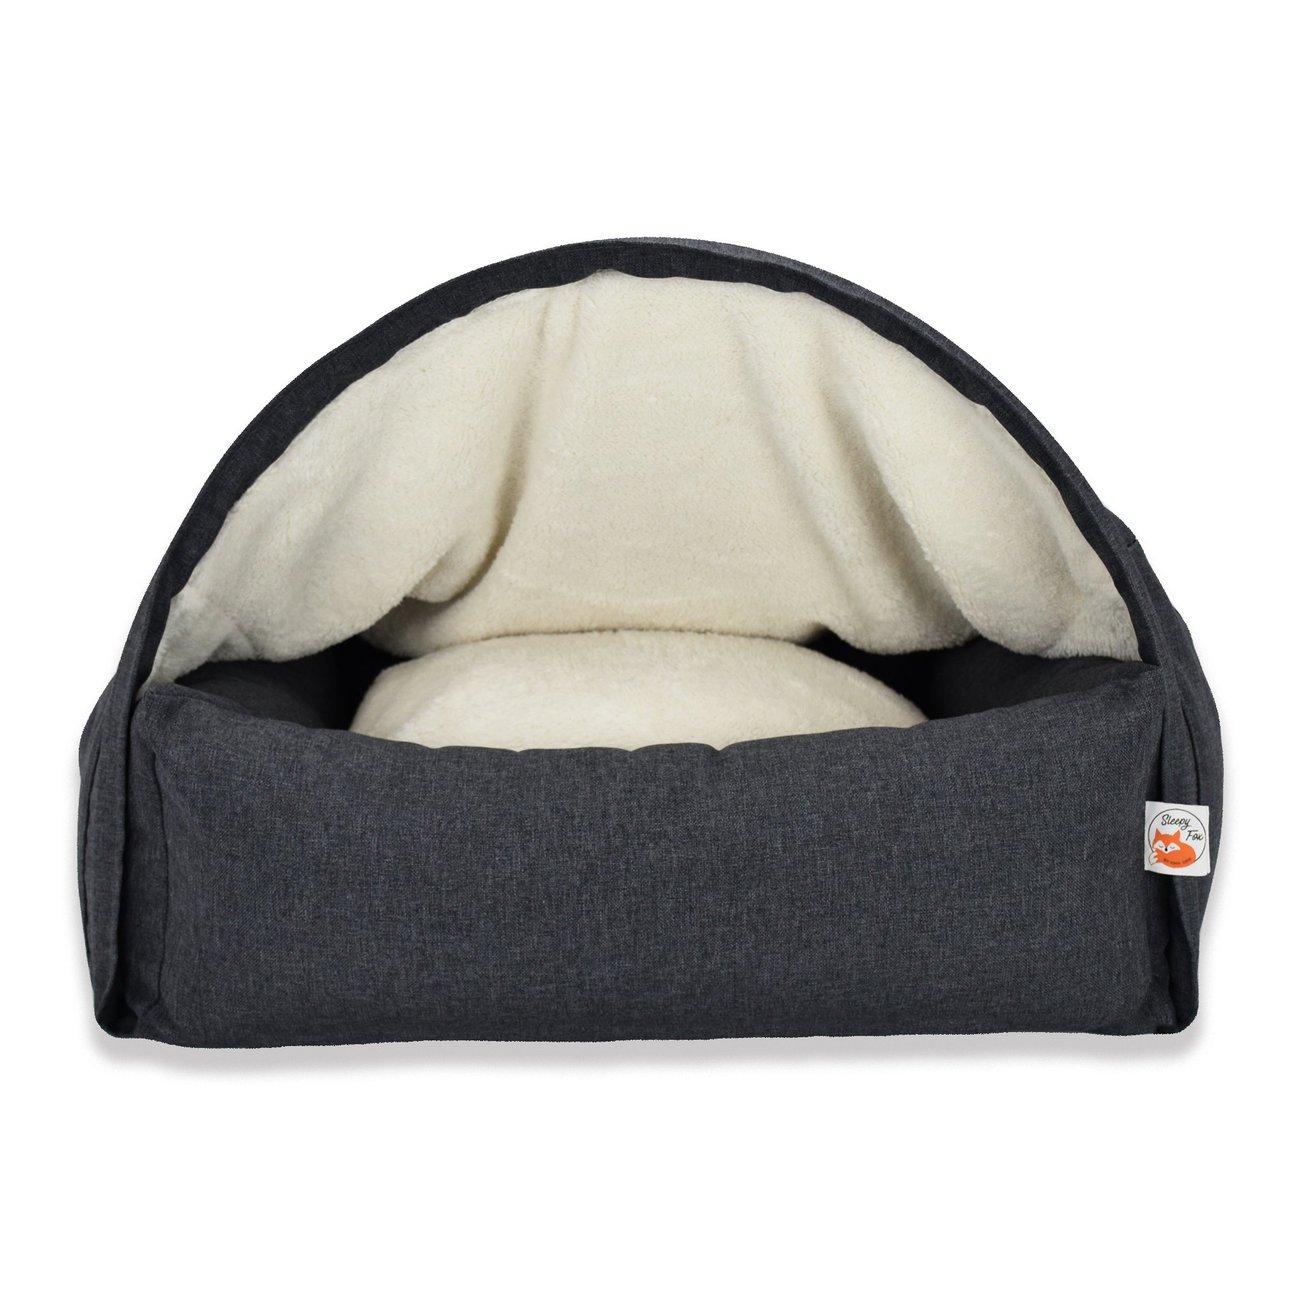 Sleepy Fox® Kuschelhöhlen Hundebett, Bild 8